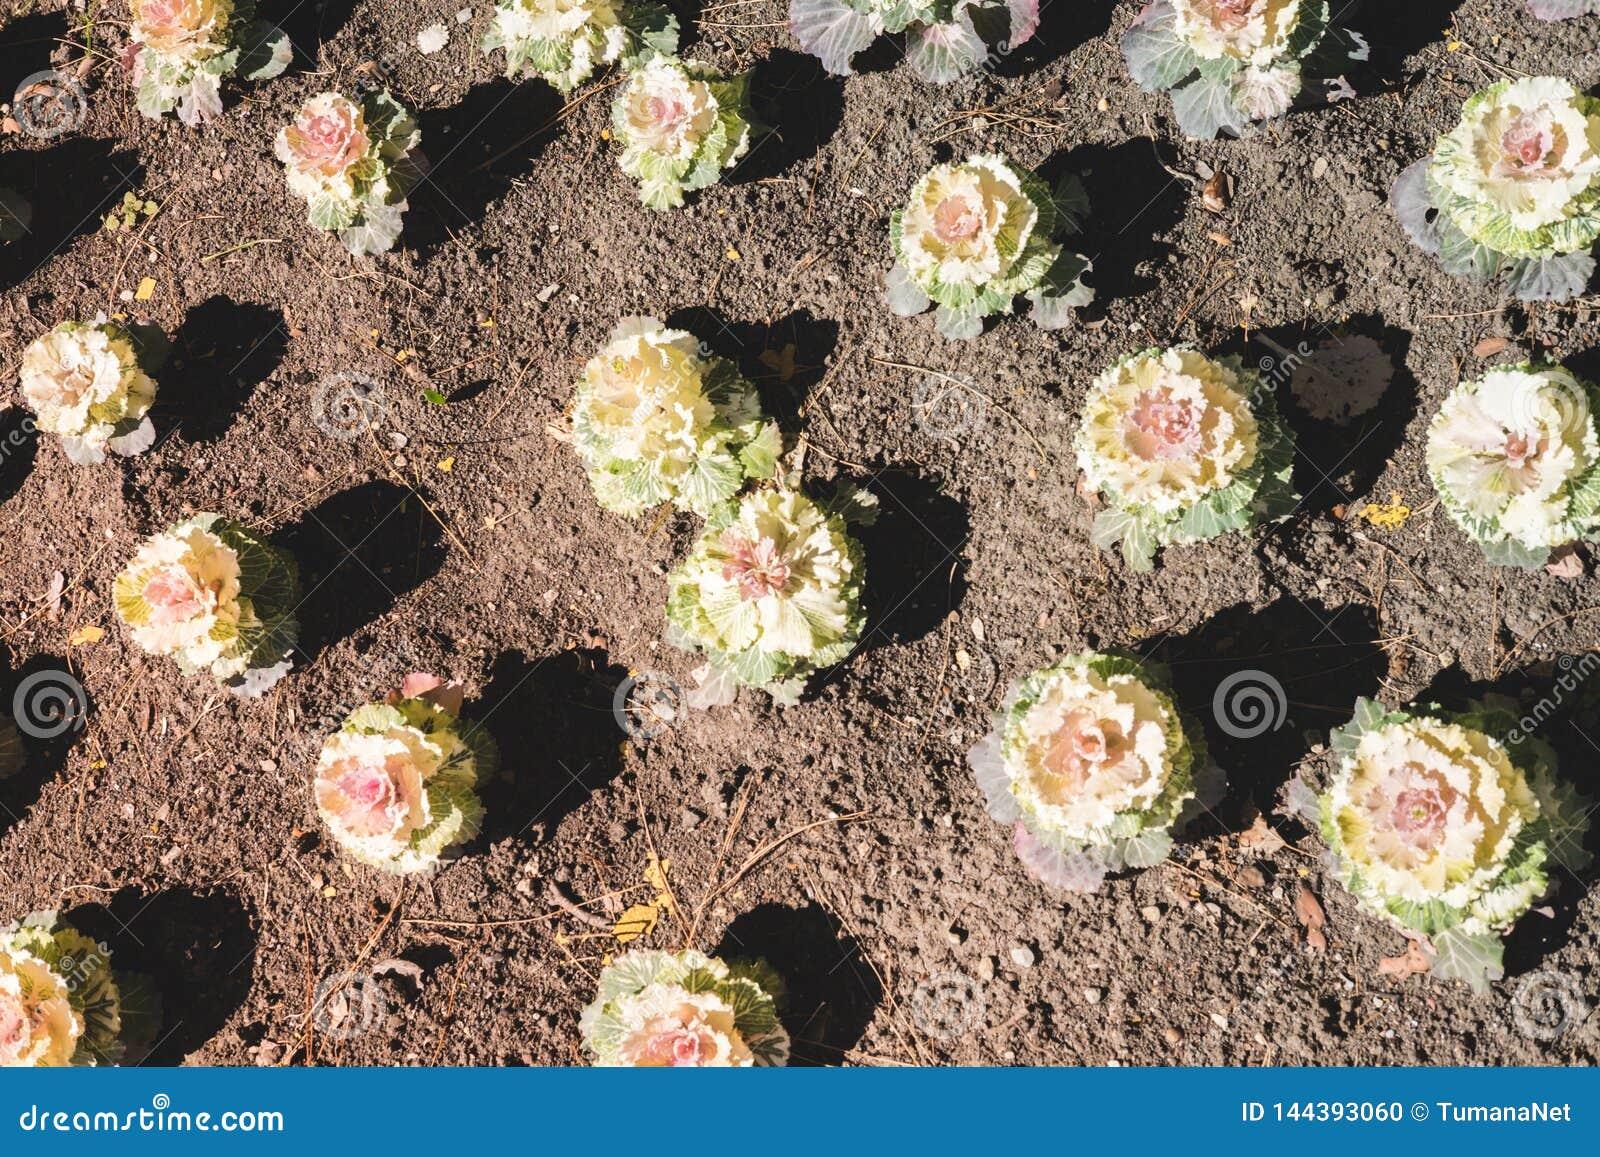 Estampado de flores de las flores de la col decorativa del color blanco y rosado que crece en la tierra marrón Fondo natural